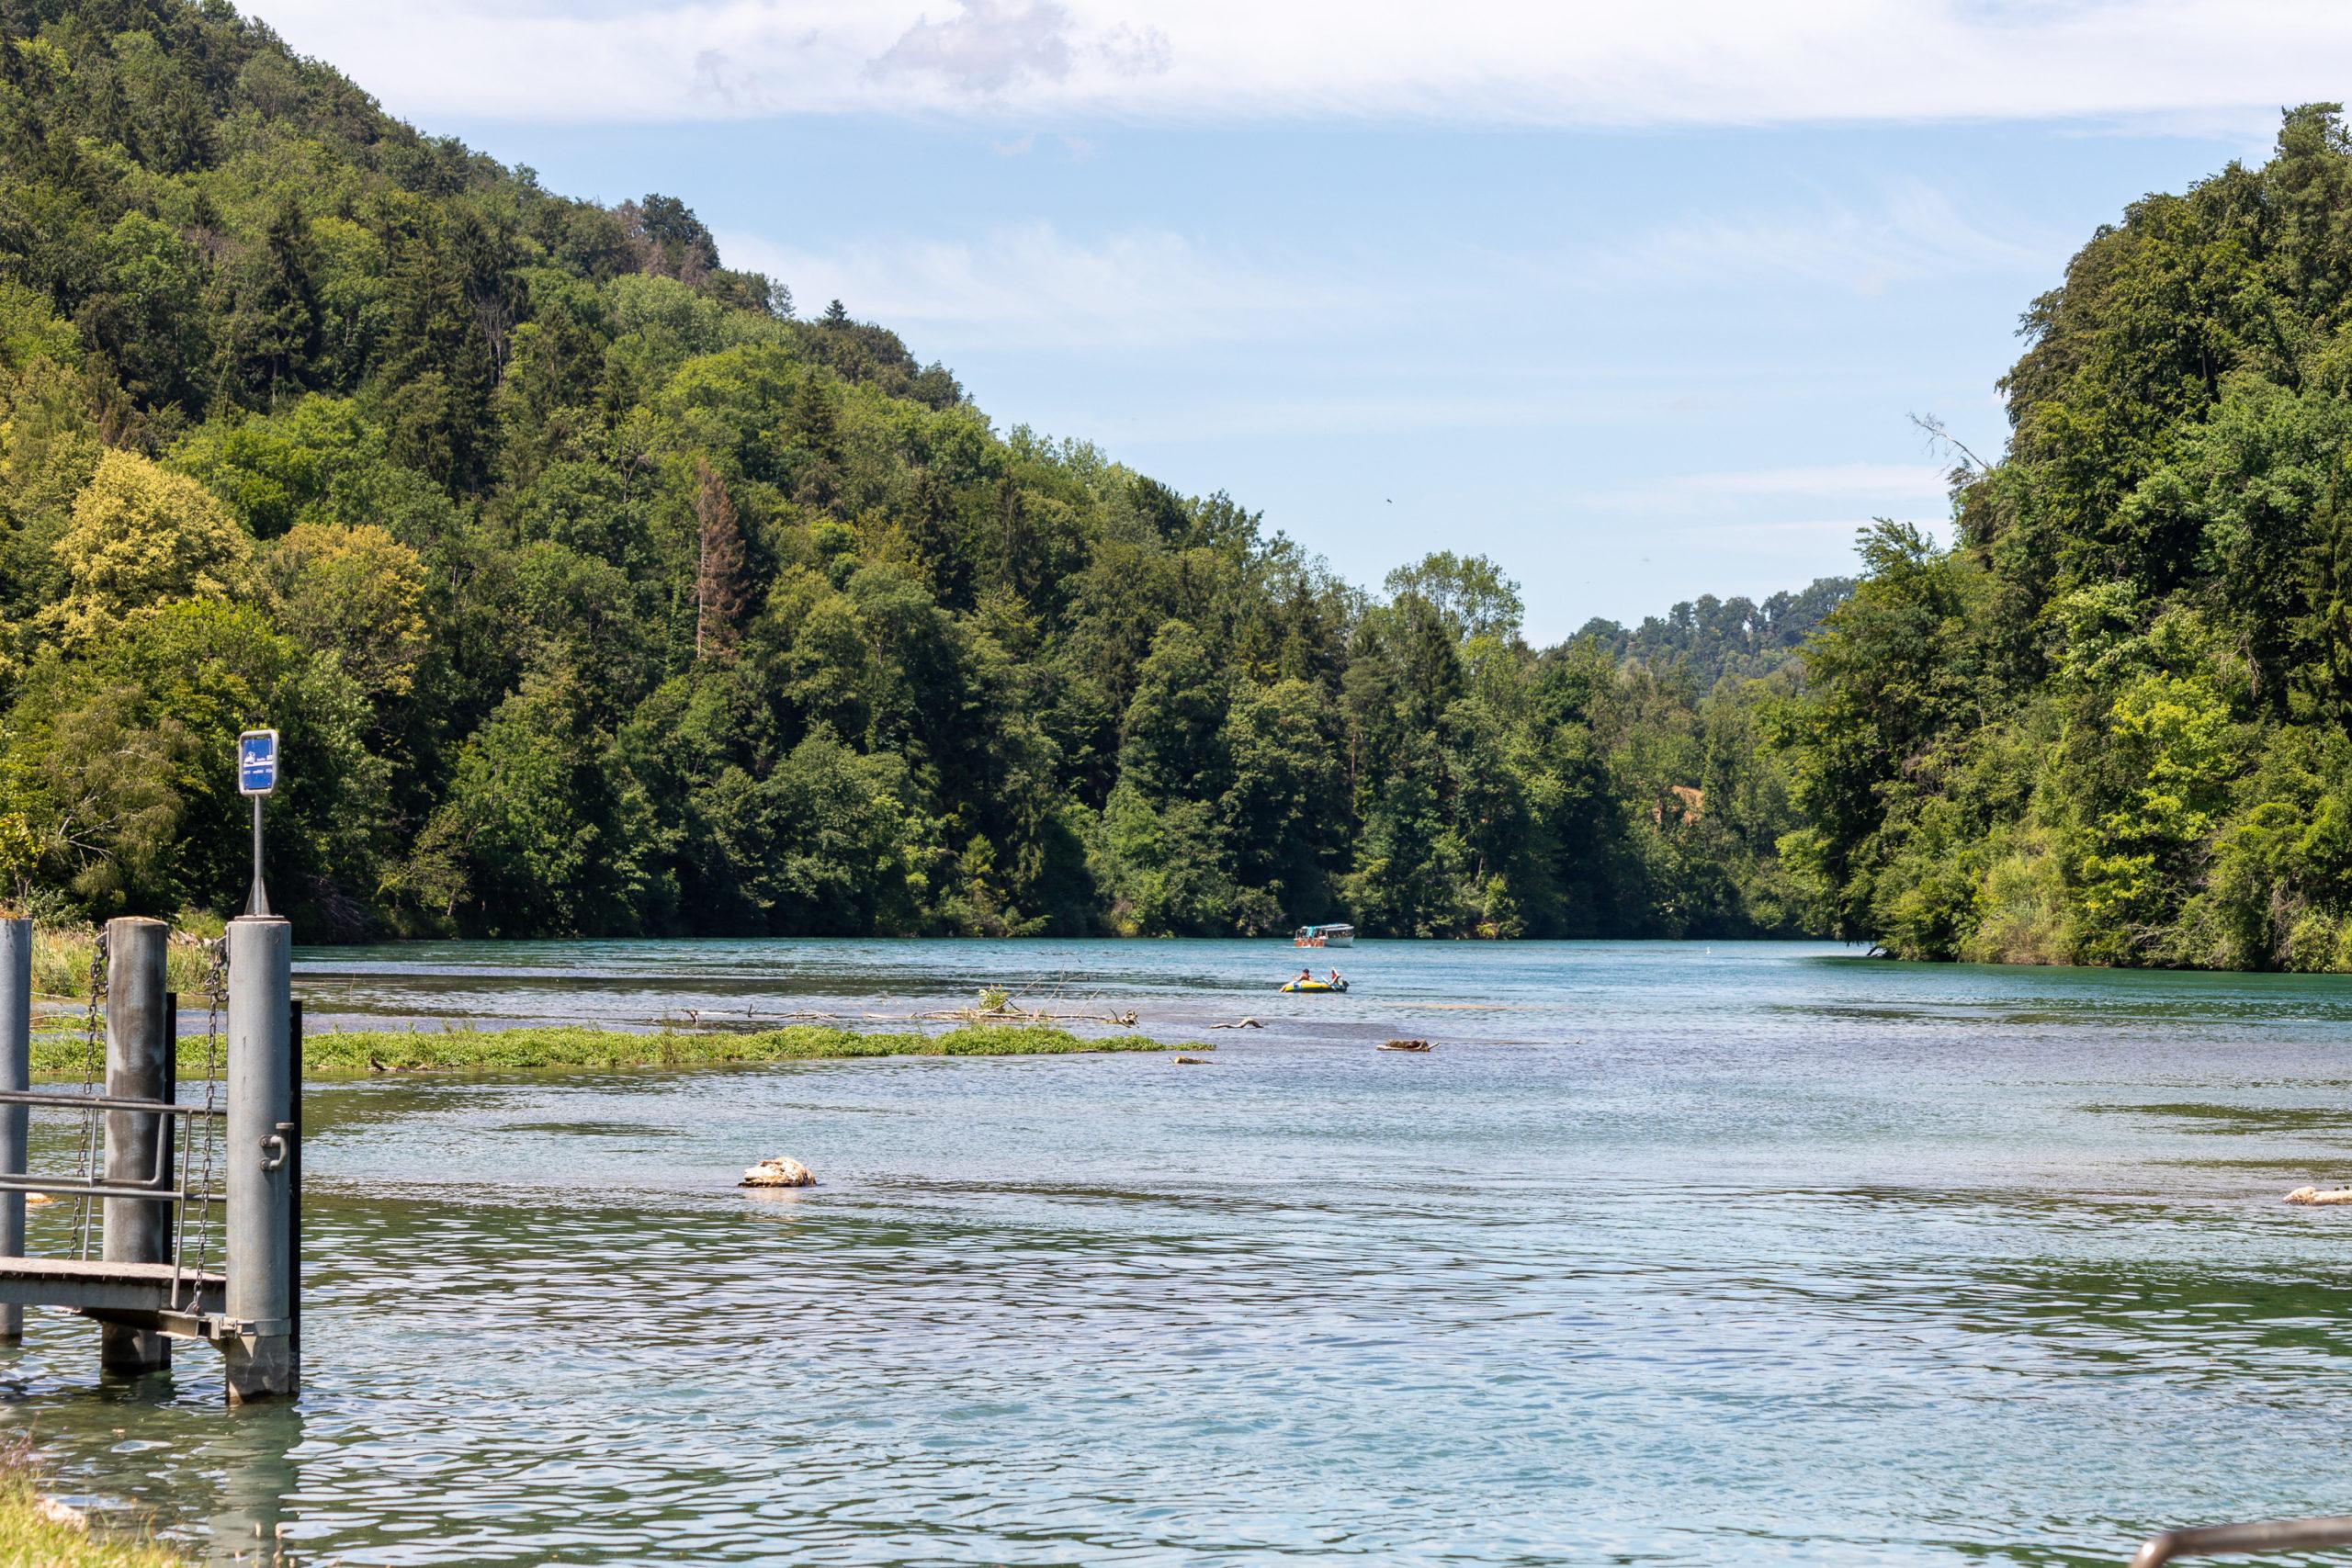 Der Rhein auf fast Wasserhöhe. Am Ufer viel Wald, links ragt das Ende eines Bootsstegs ins Wasser. Man erkennt ganz klein im Hintergrund zwei Boote im Wasser.